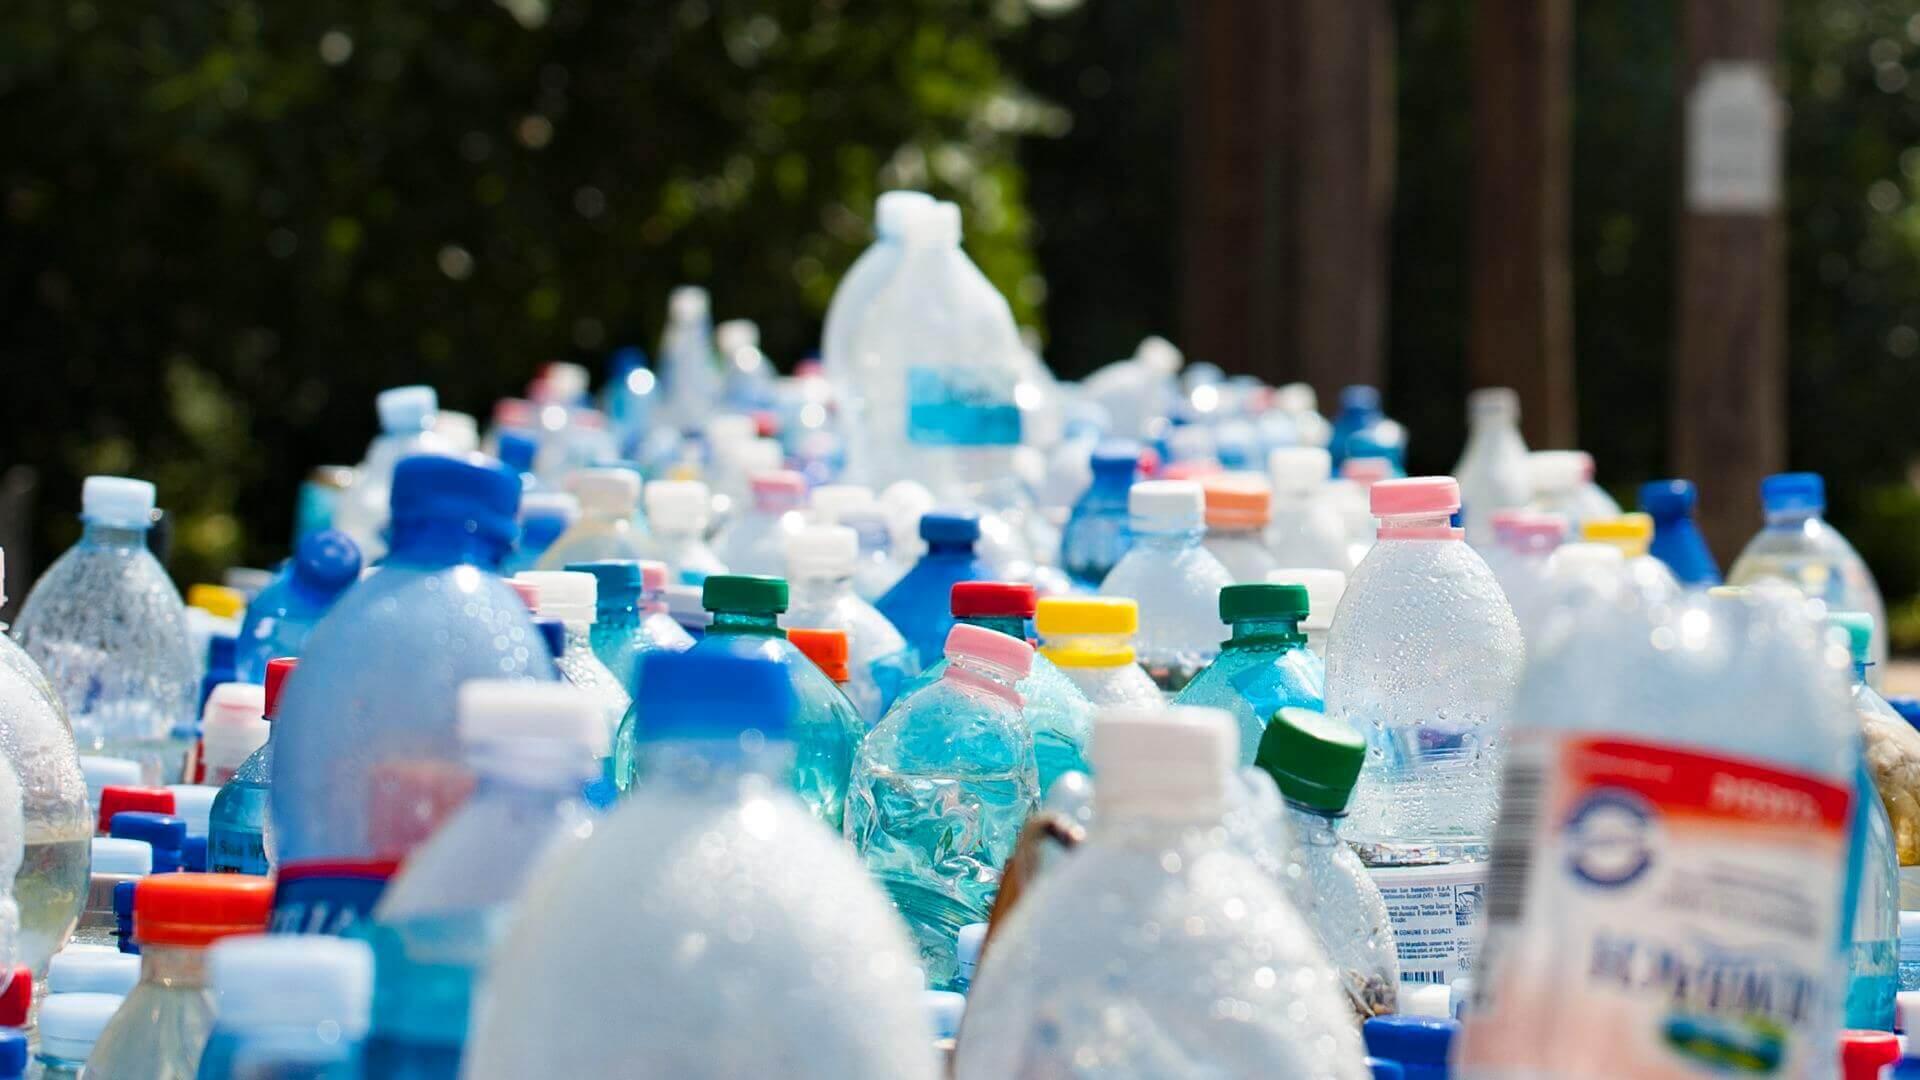 plastikflasker i en lang raekke